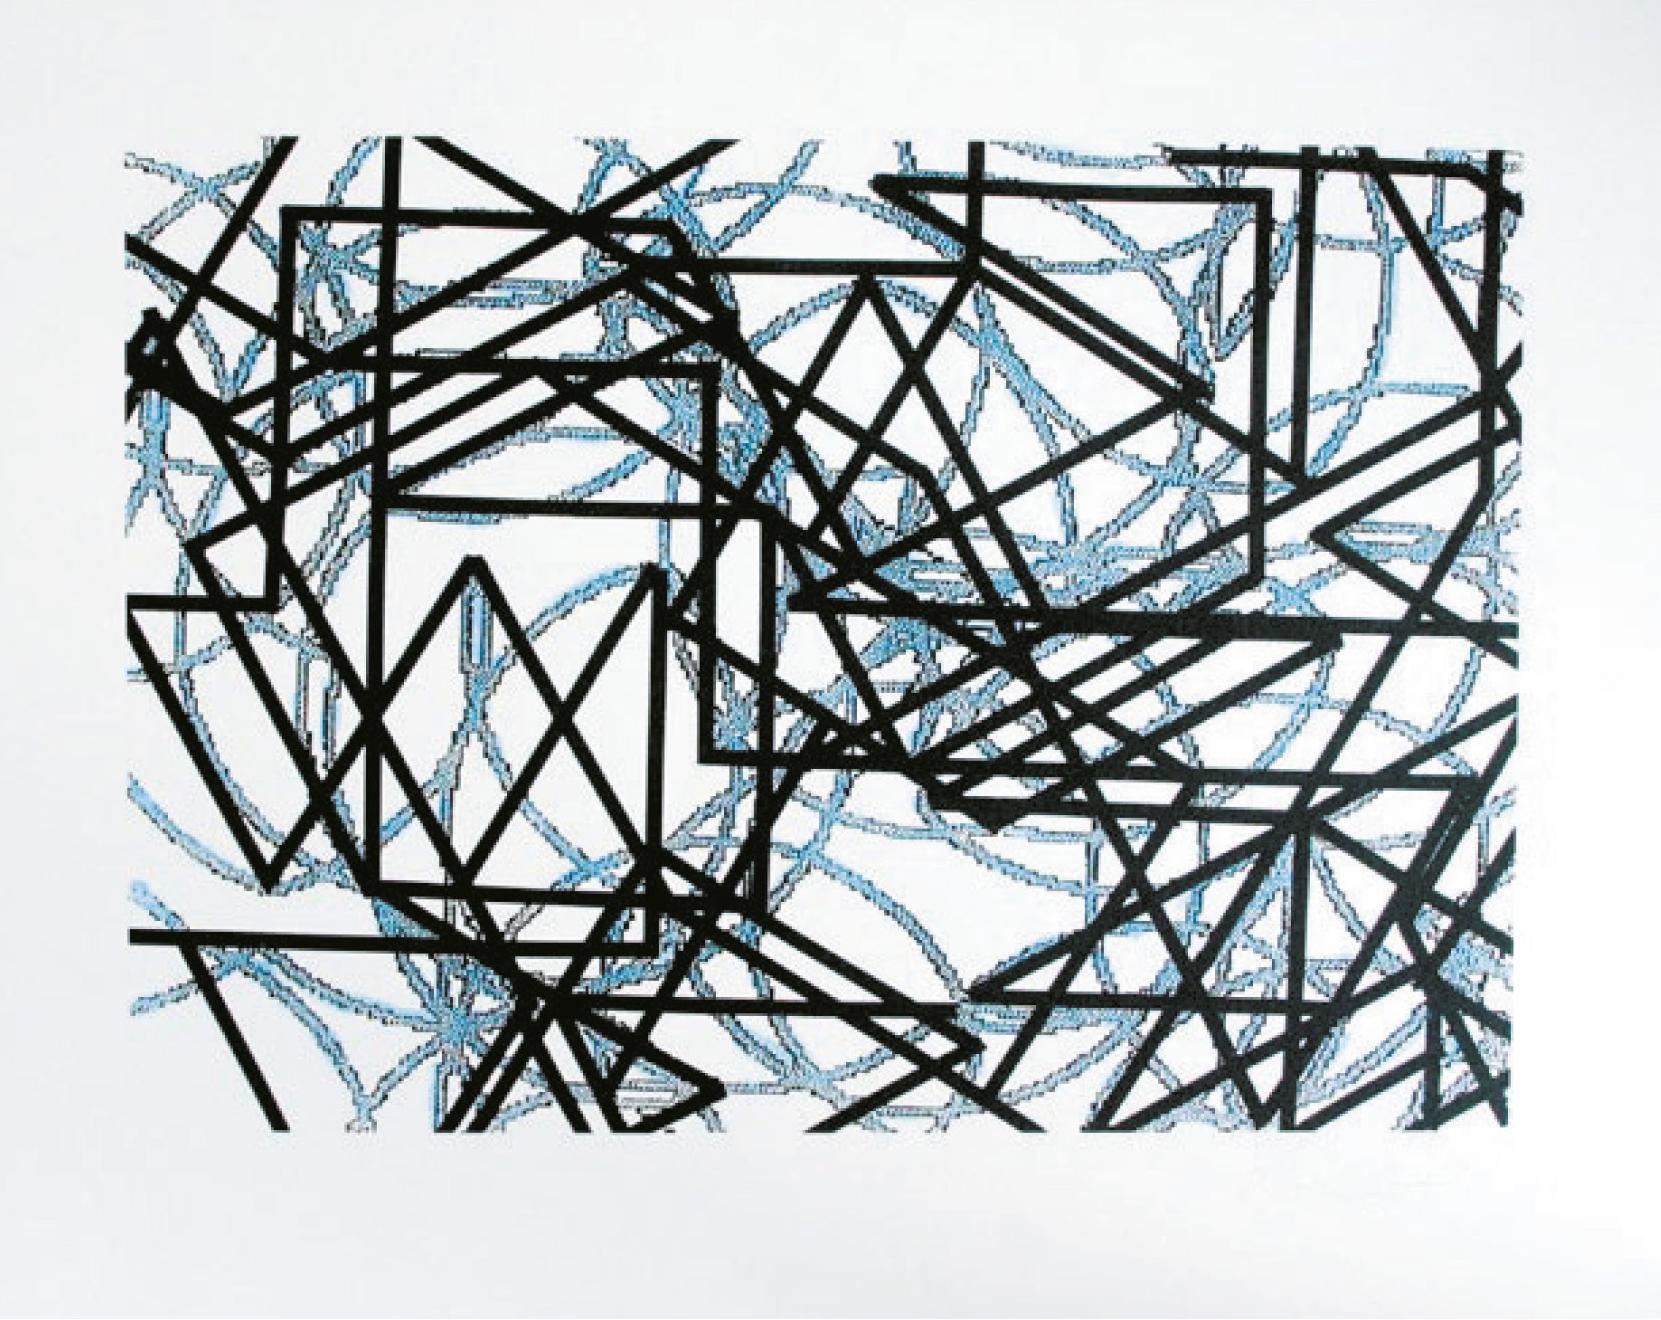 Lot 108 - Morellet François (1926-2016) Composition abstraite, 2005 - Serigraph in colors [...]